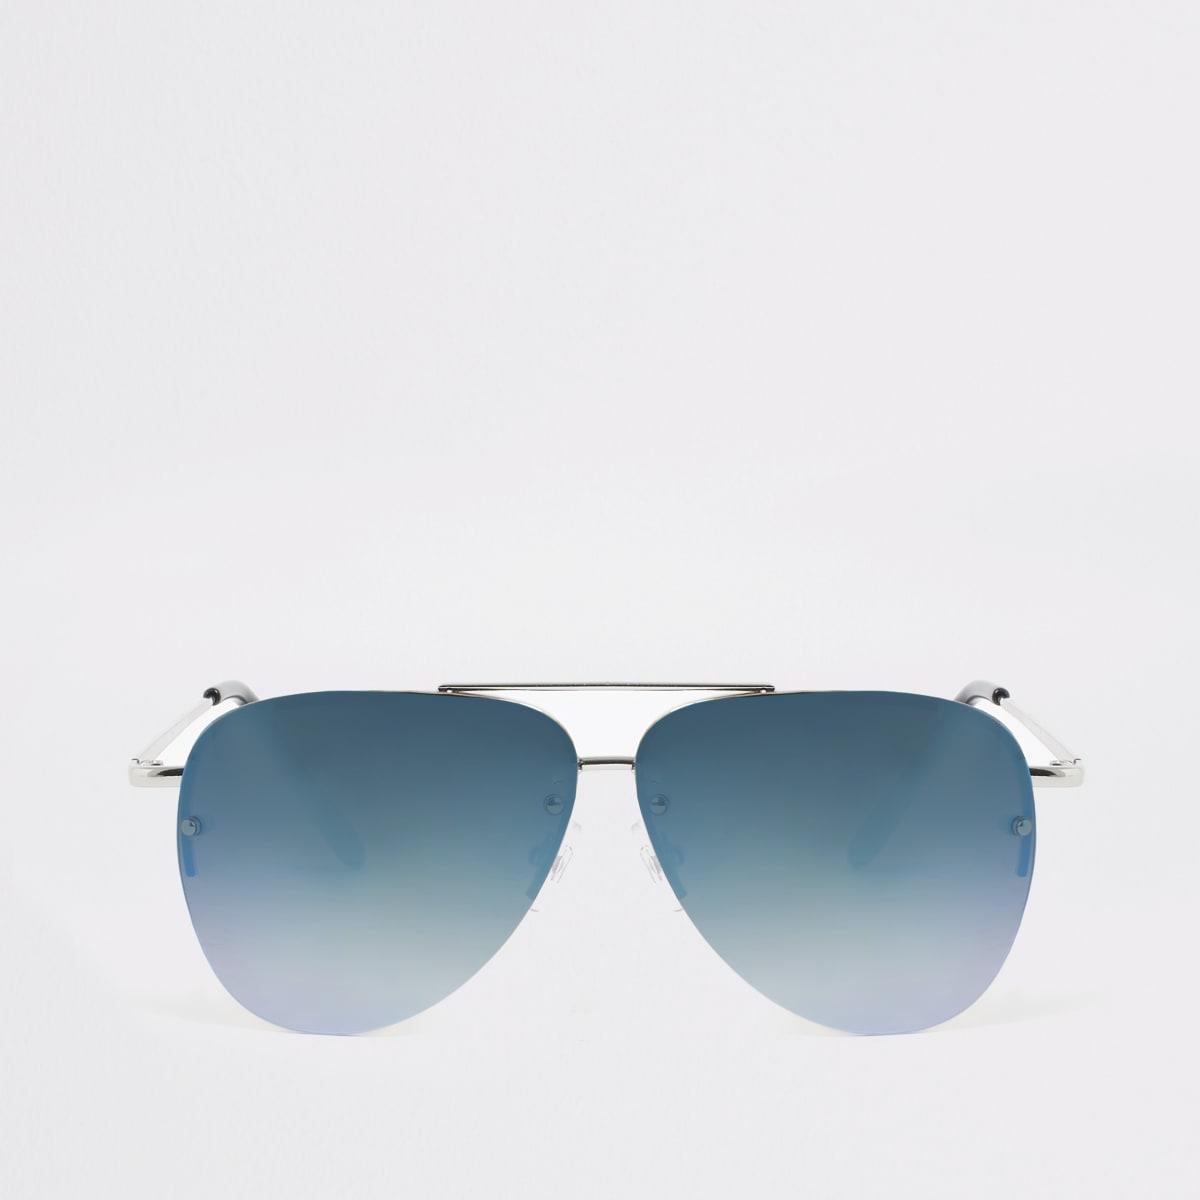 Boys silver blue lens aviator sunglasses